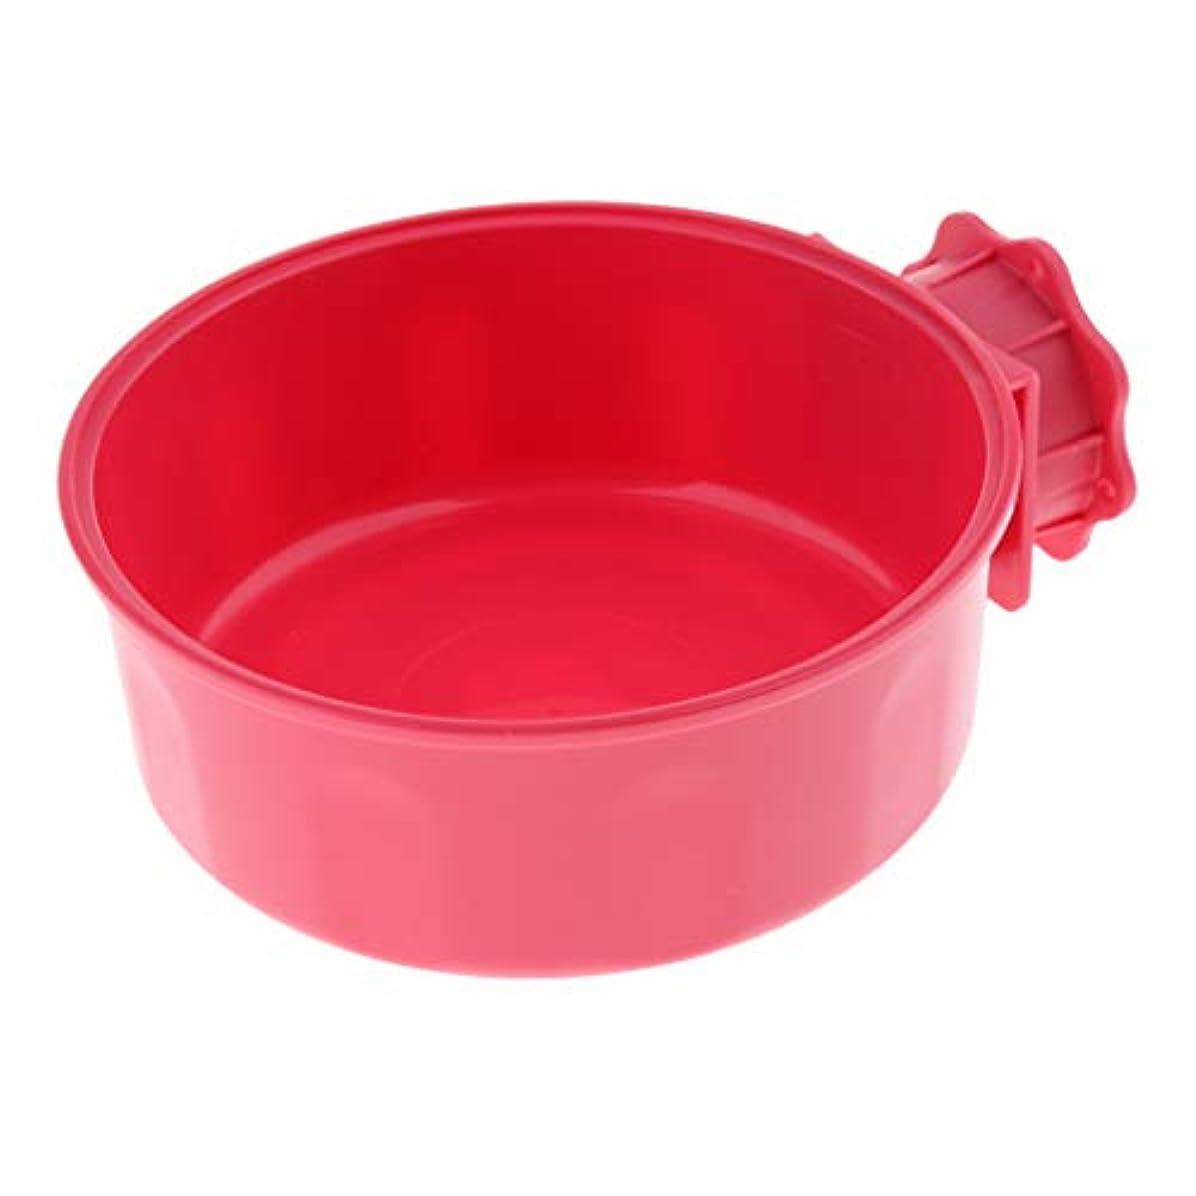 新聞ランクサバントF Fityle 餌入れ 水やり コップ 犬猫ハムスターなど適用 家庭用 旅行用 全3色 - 赤